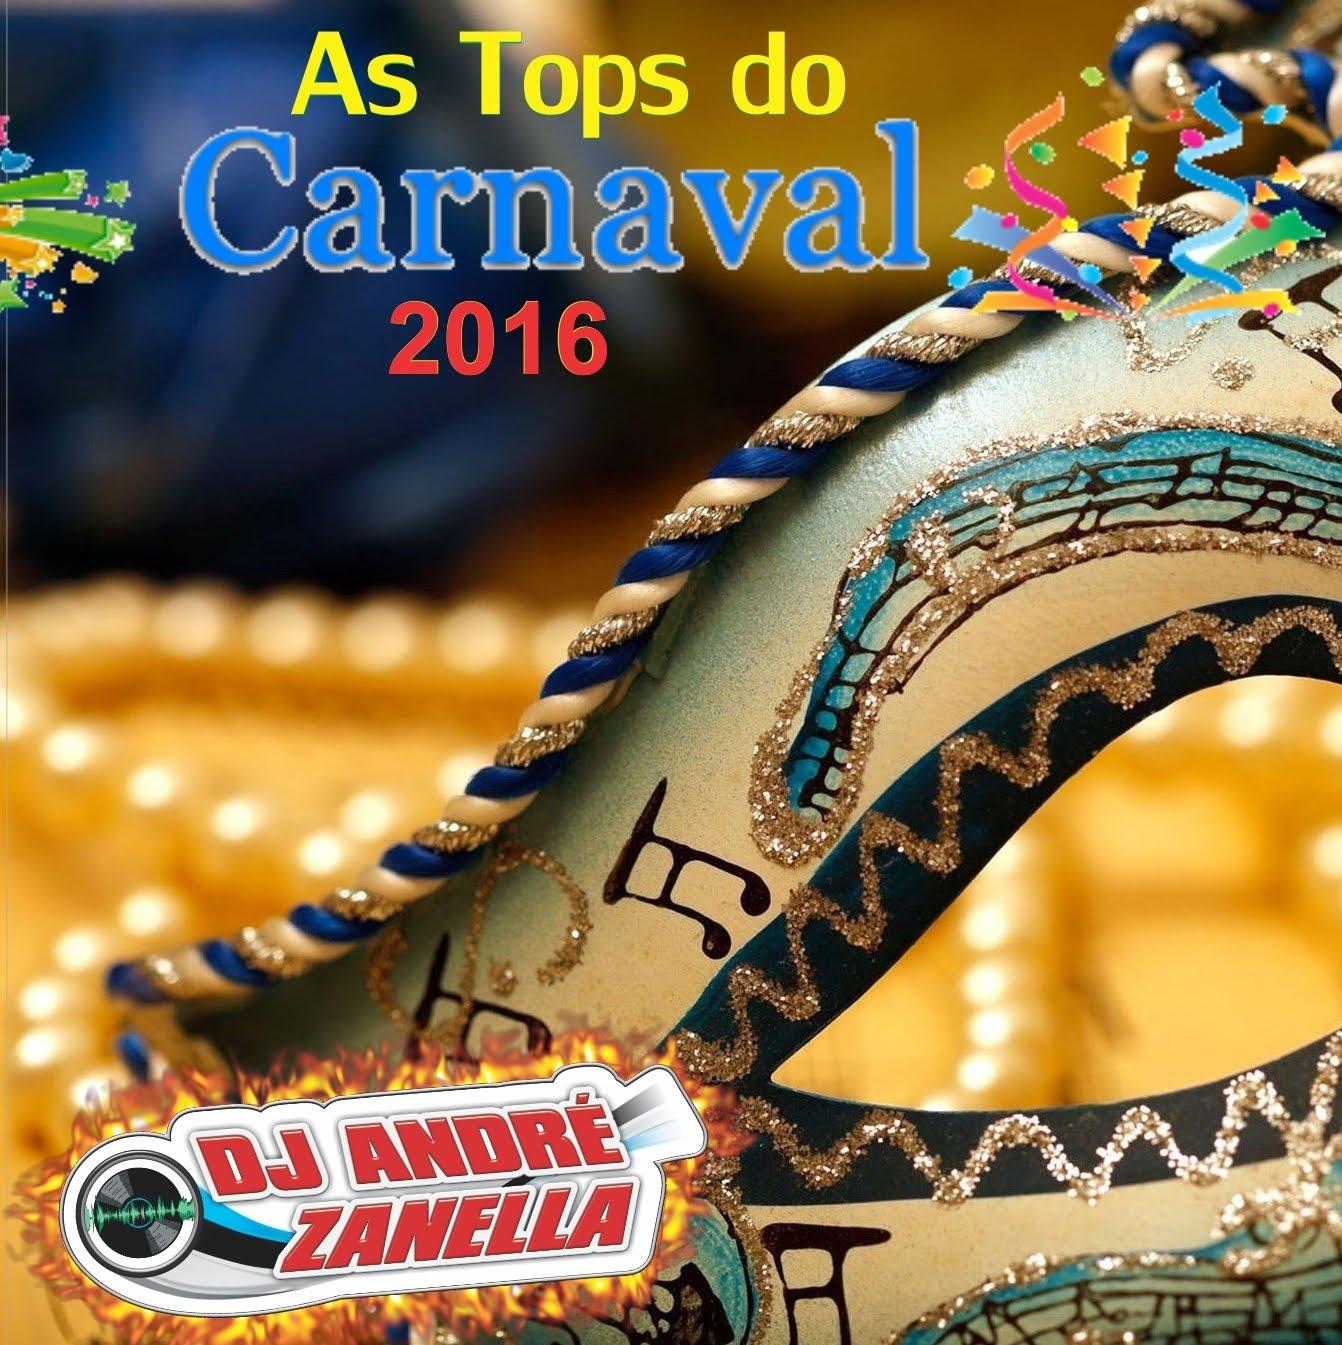 .CARNAVAL 2016 AS TOPS